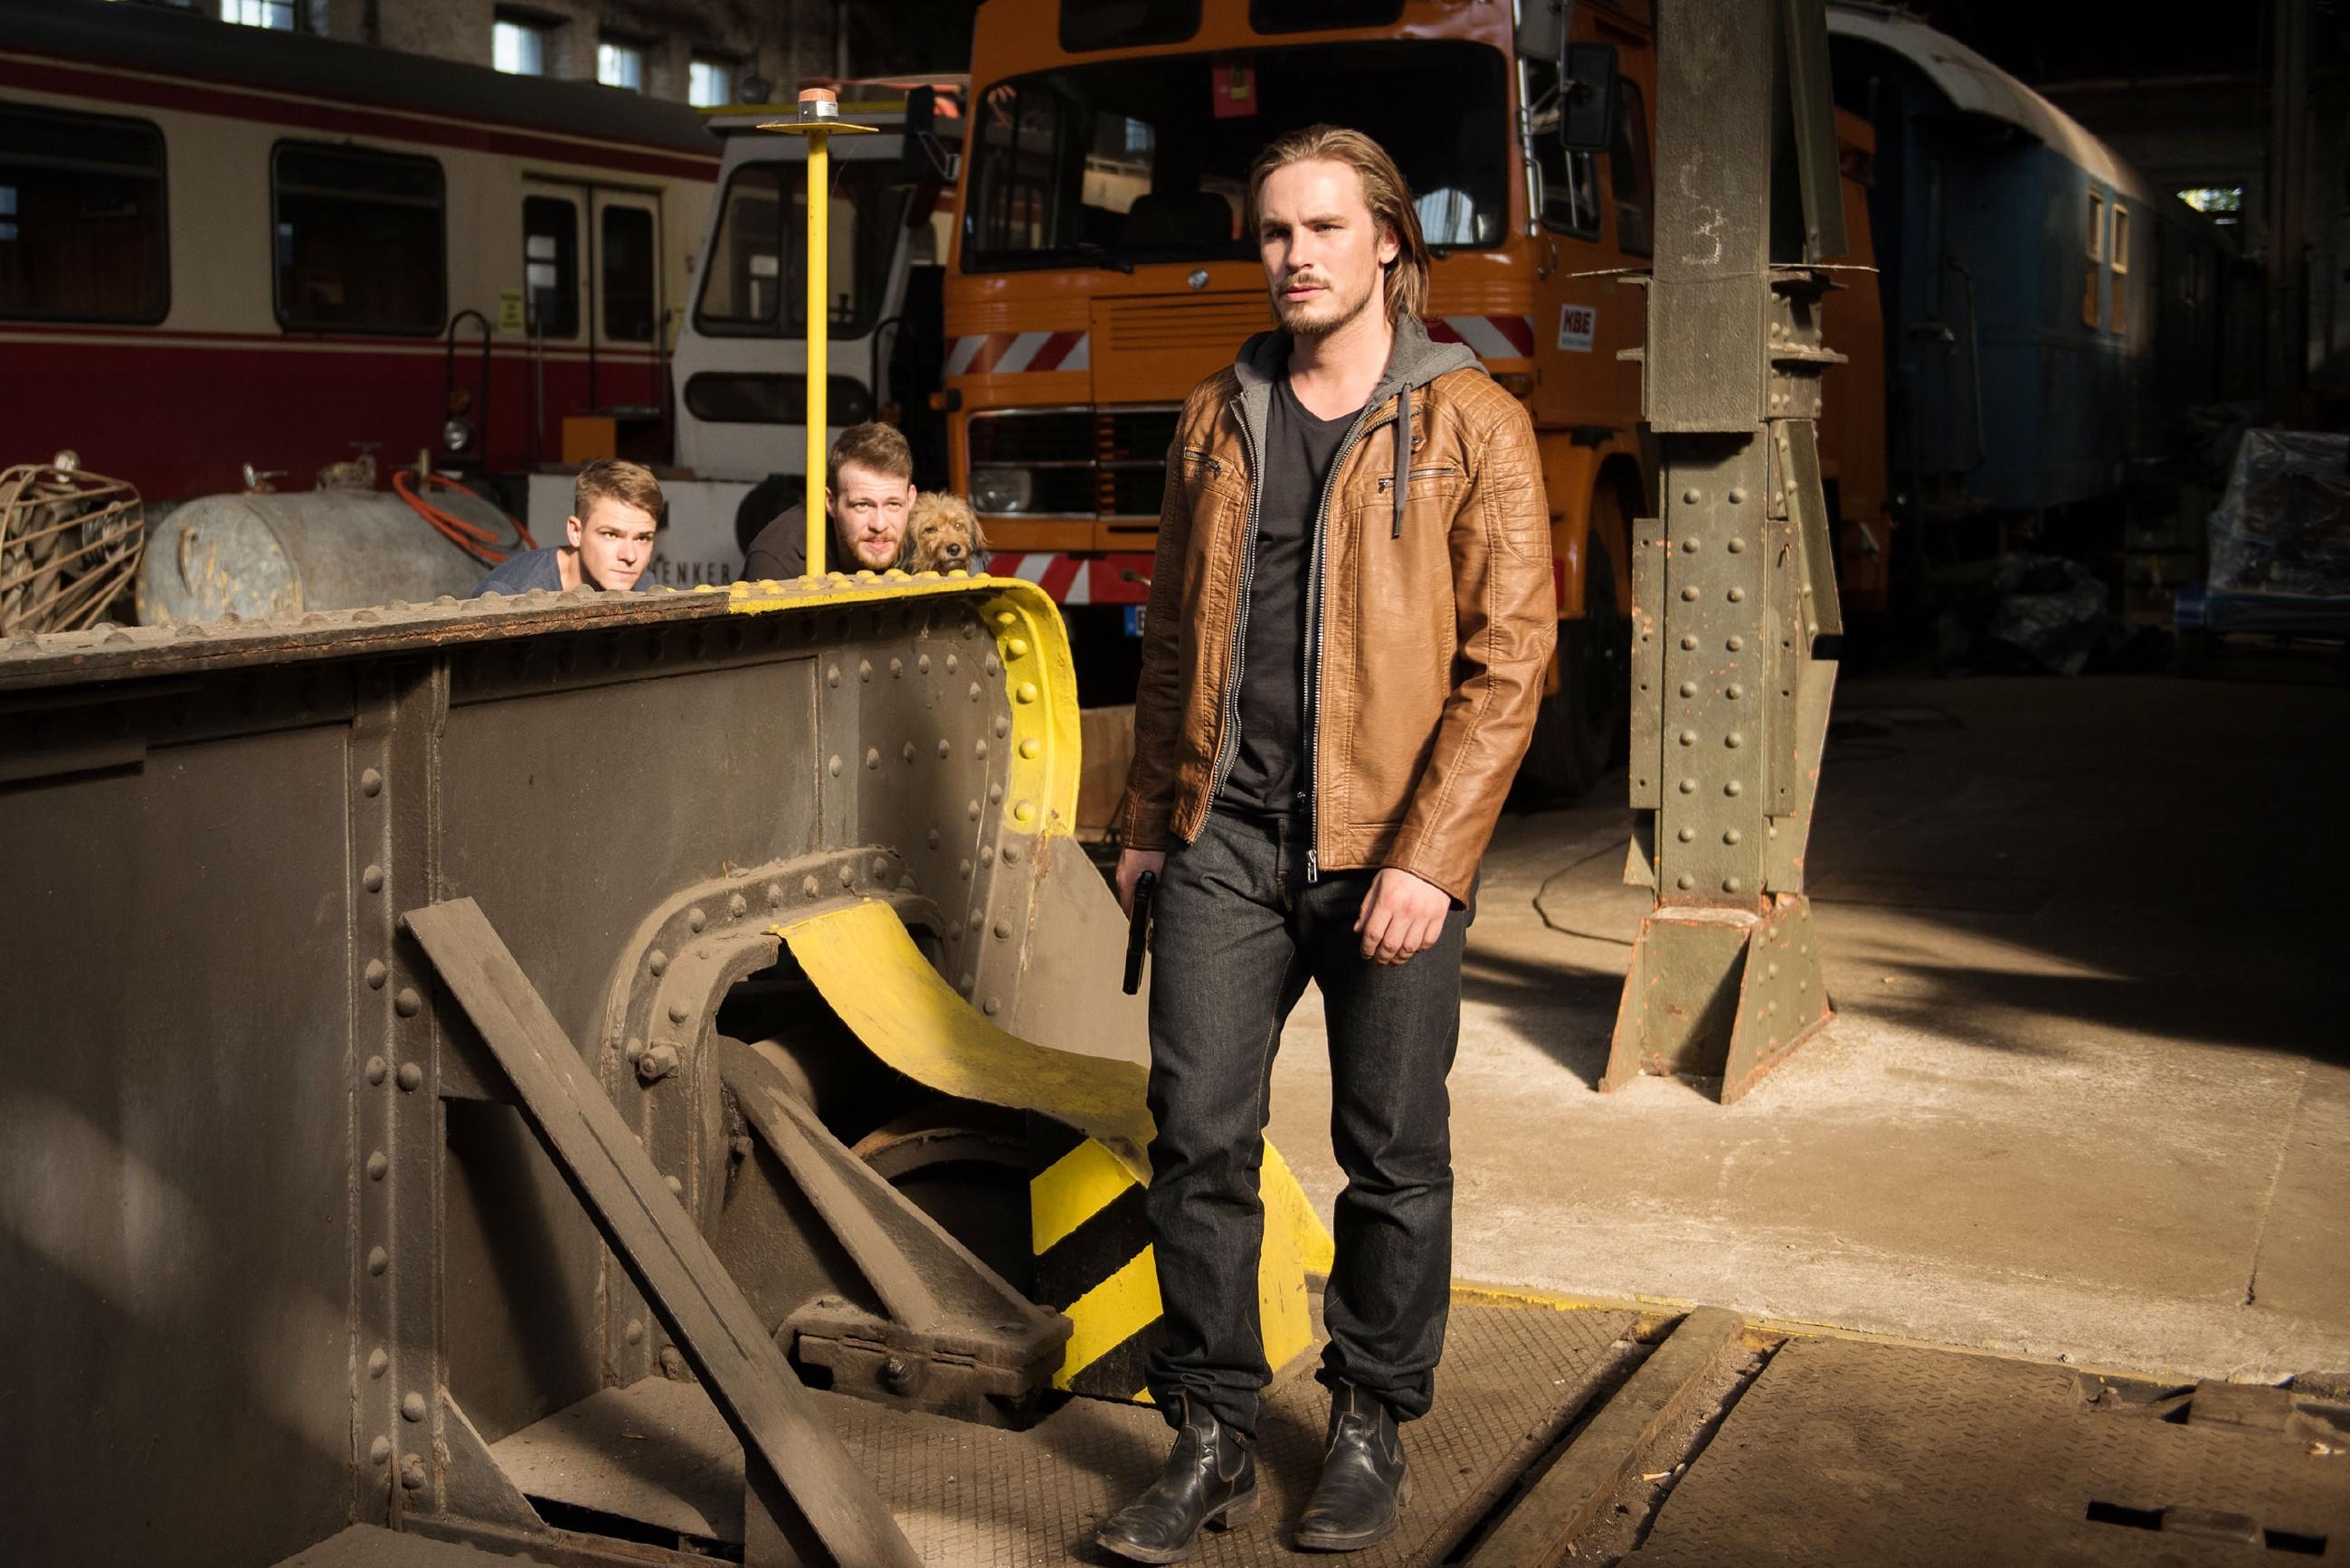 Moritz' (Marvin Linke, l.) und Tobias' (Patrick Müller, 2.v.l.) Sorge um Easy steigt, als sie Schrader (Alexander Milz) unverletzt entkommen sehen.